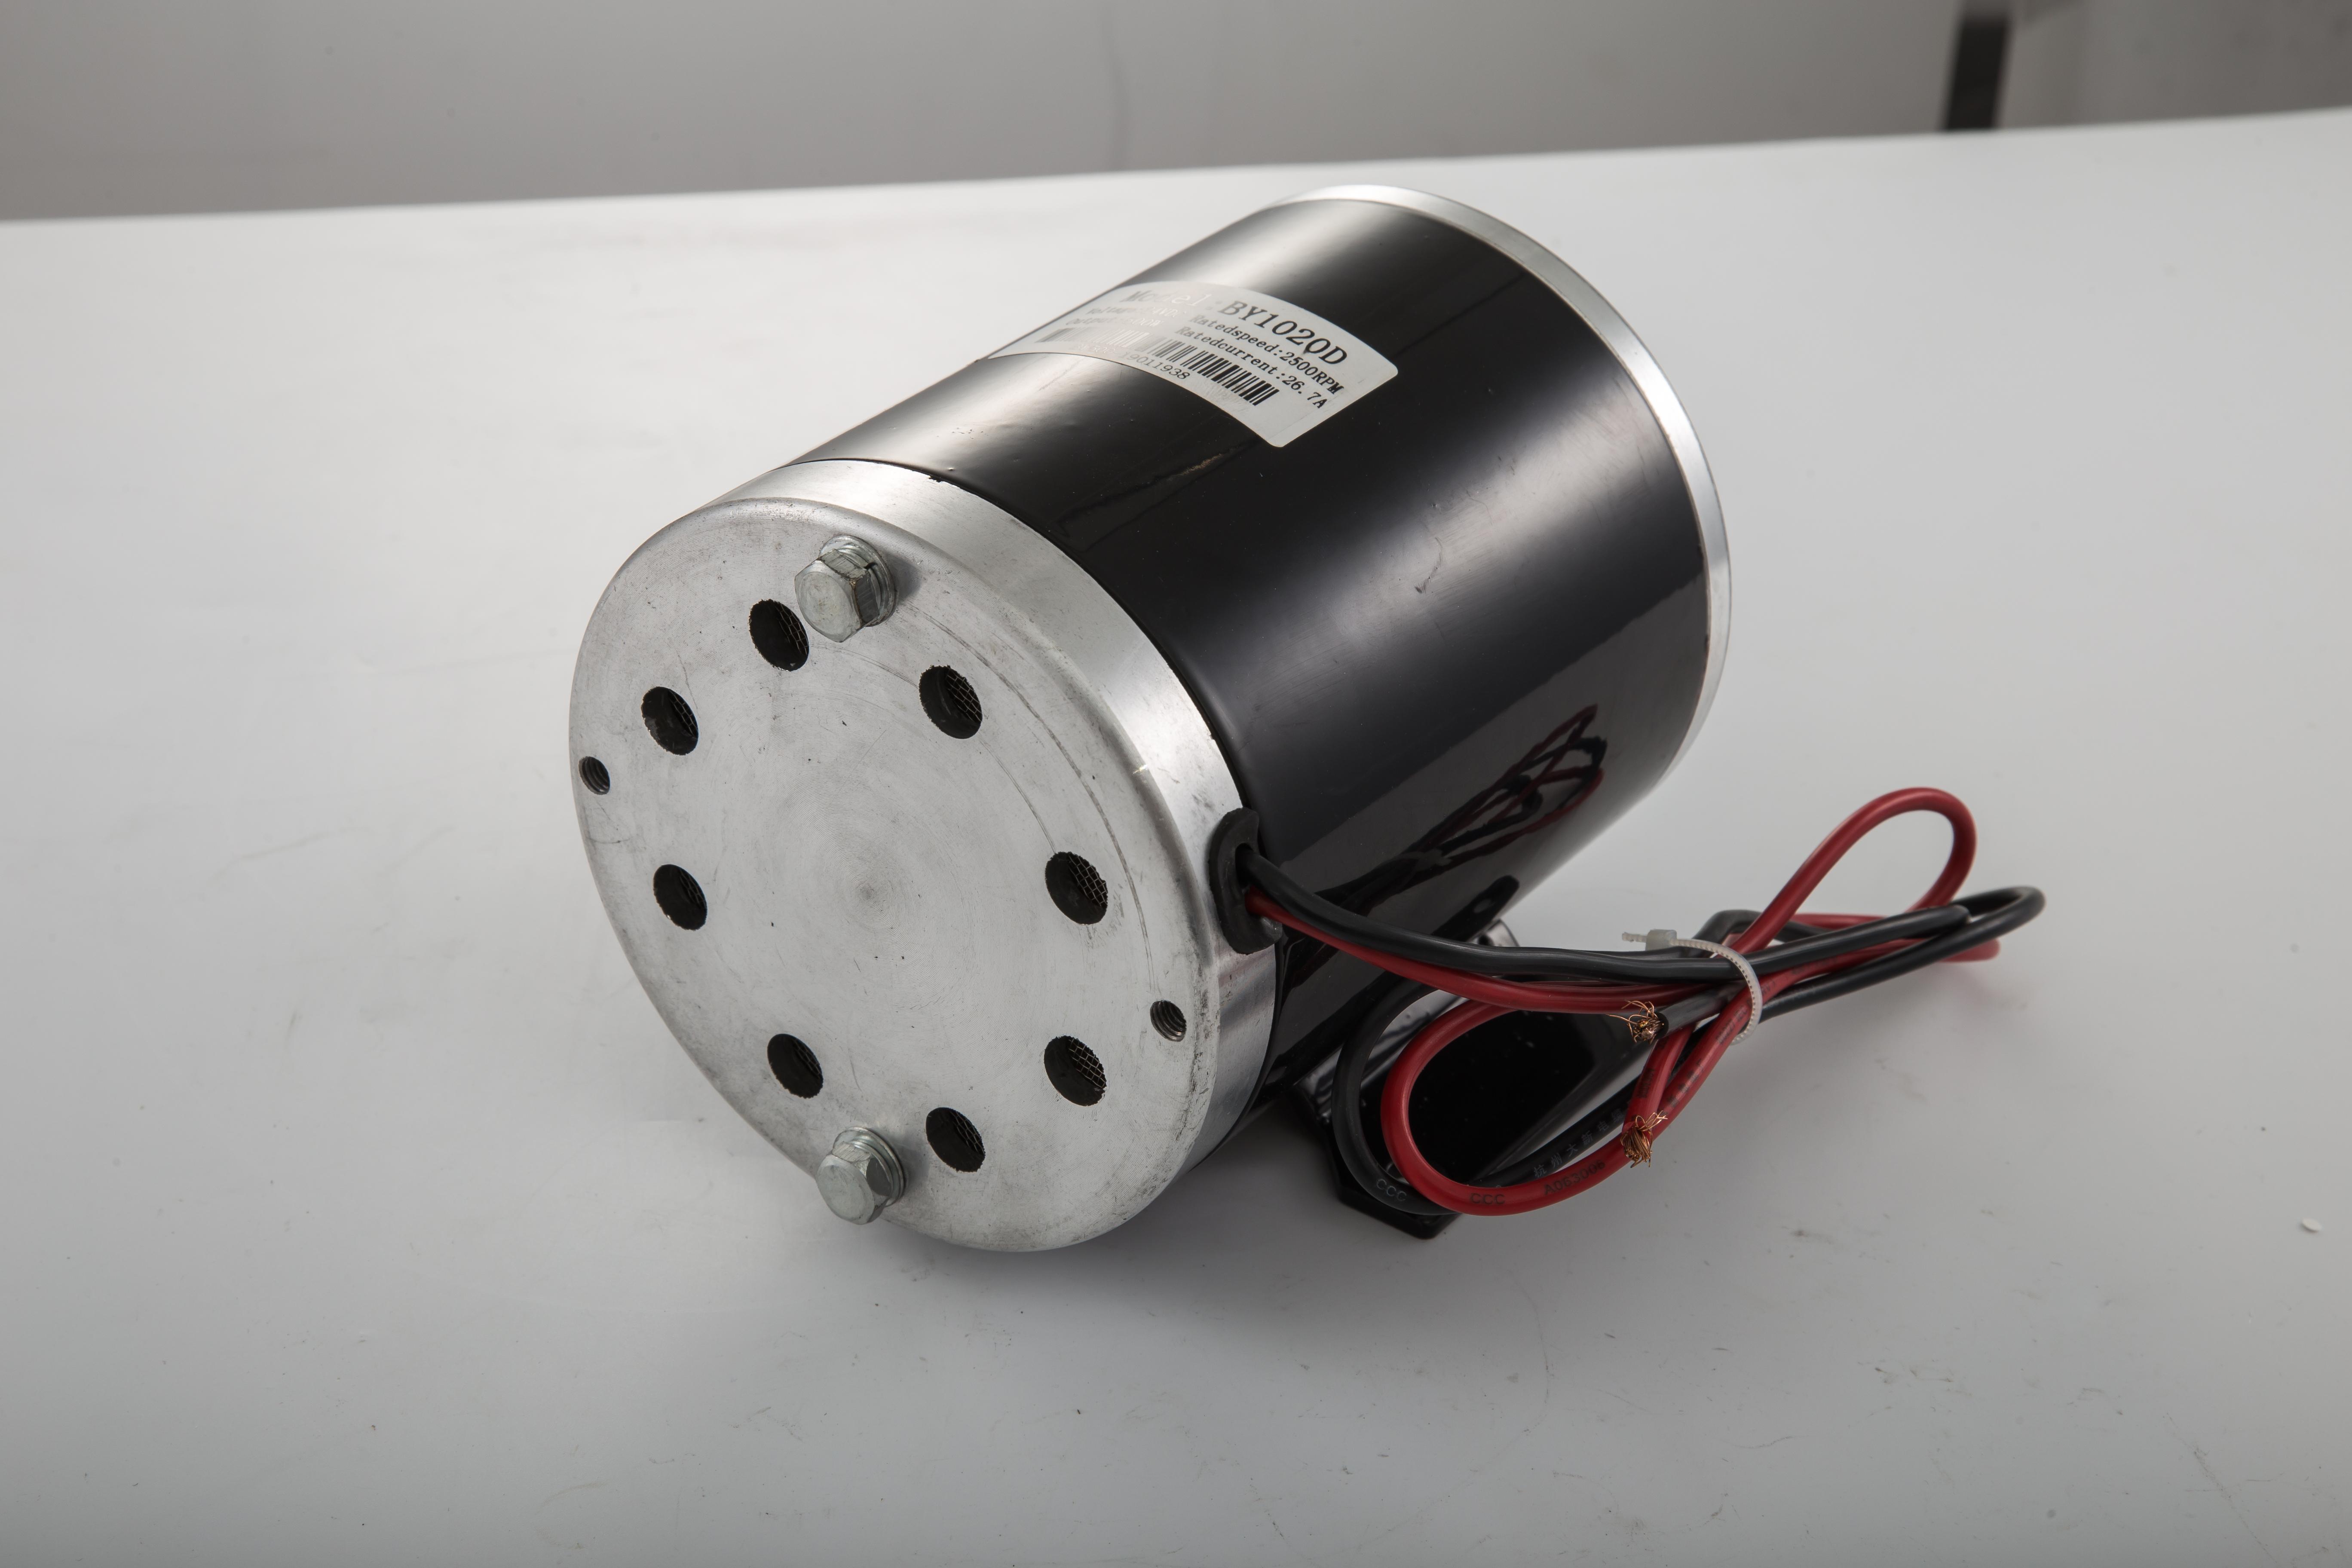 Electric-Motor-E-bike-Motor-controller-kit-DC-24v-12v-Minibike-E-Scooter-ATV thumbnail 104